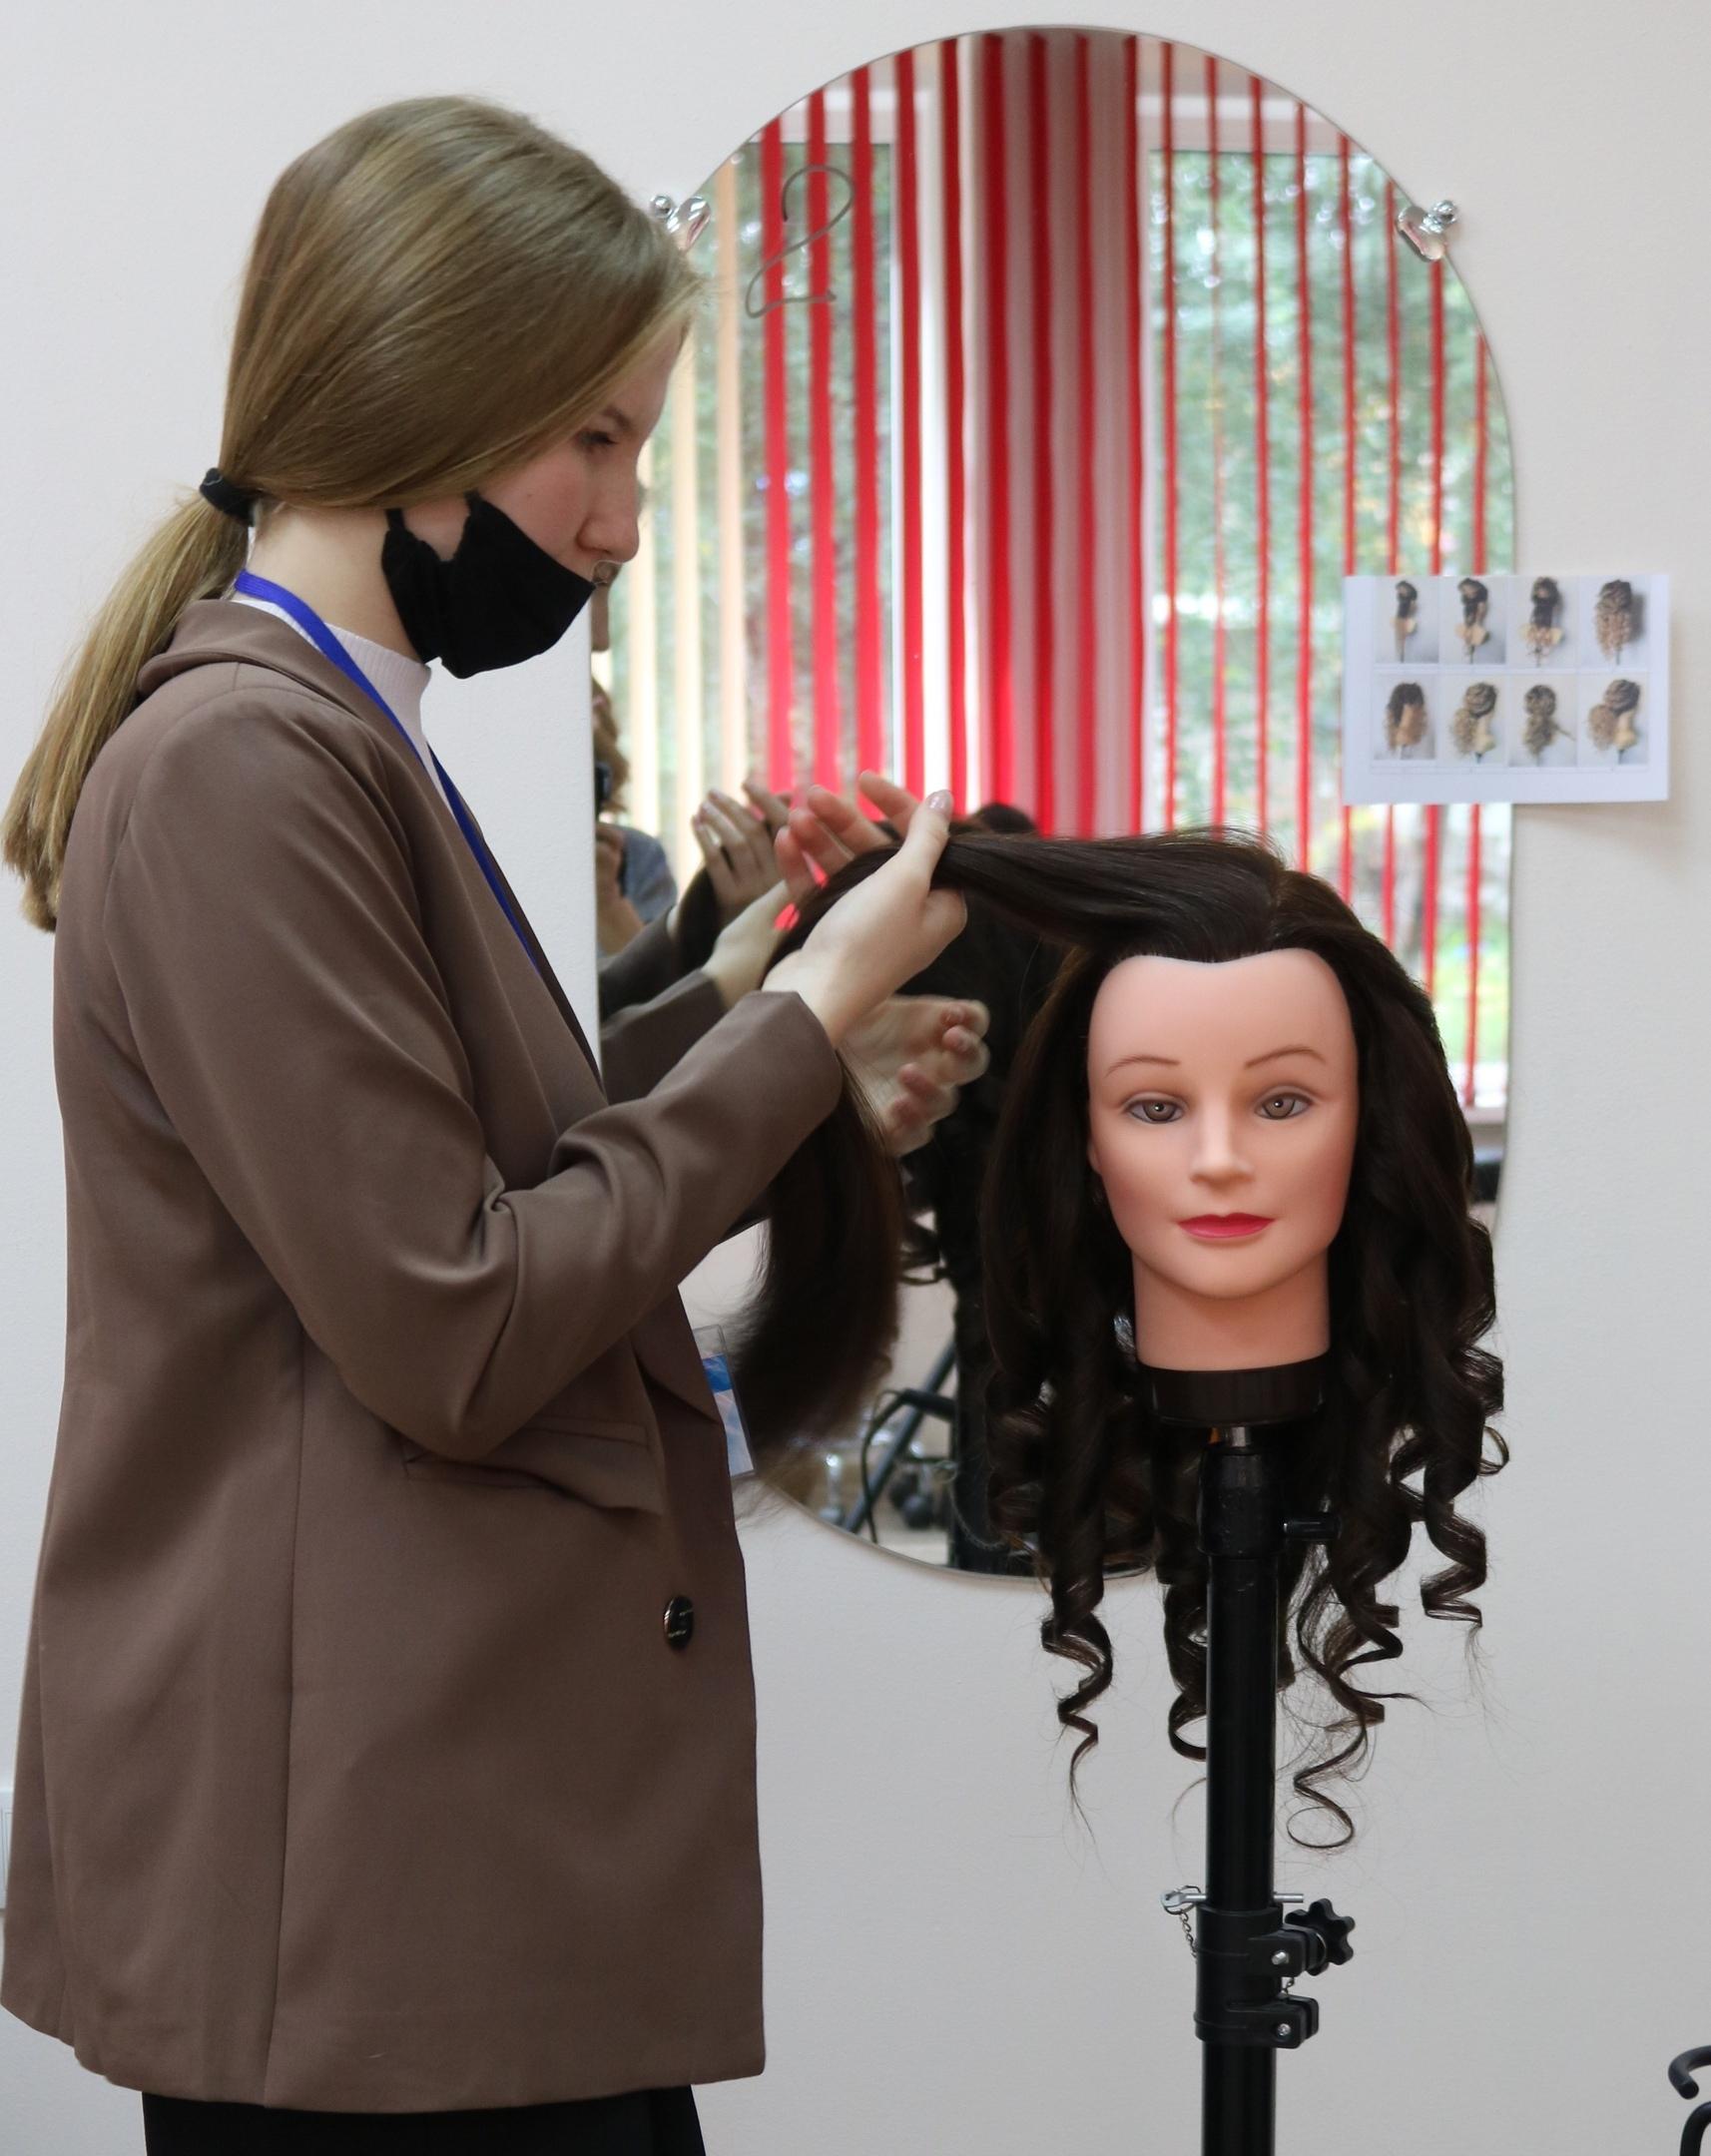 В Хакасском колледже профессиональных технологий, экономики и сервиса в рамках проекта «Билет в будущее» прошли профессиональные пробы для будущих парикмахеров